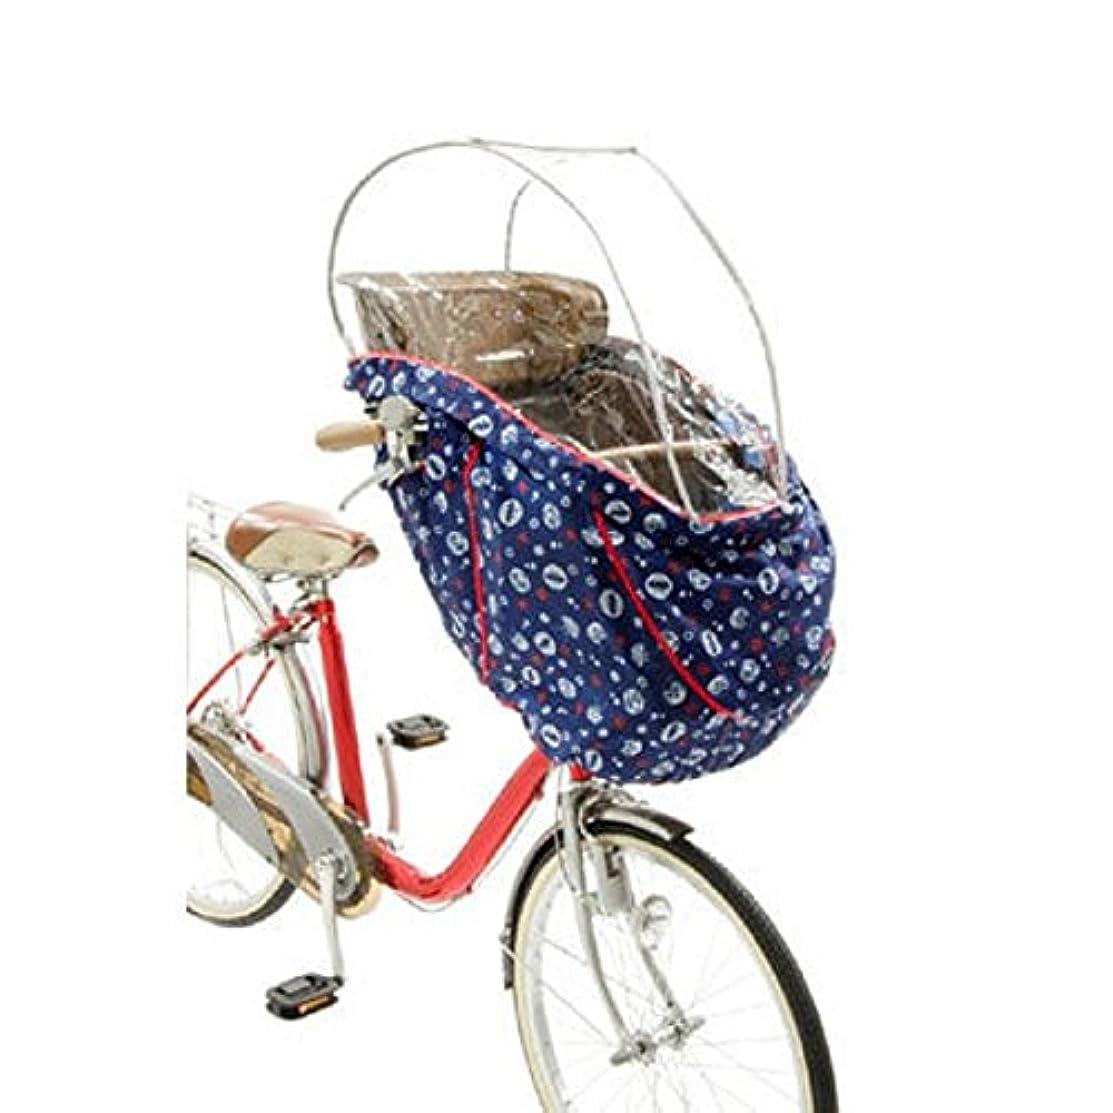 ロゴましい浸すOGK技研 まえ幼児座席用ソフト風防レインカバー RCH-003 アンパンマン仕様 専用袋付き 44351